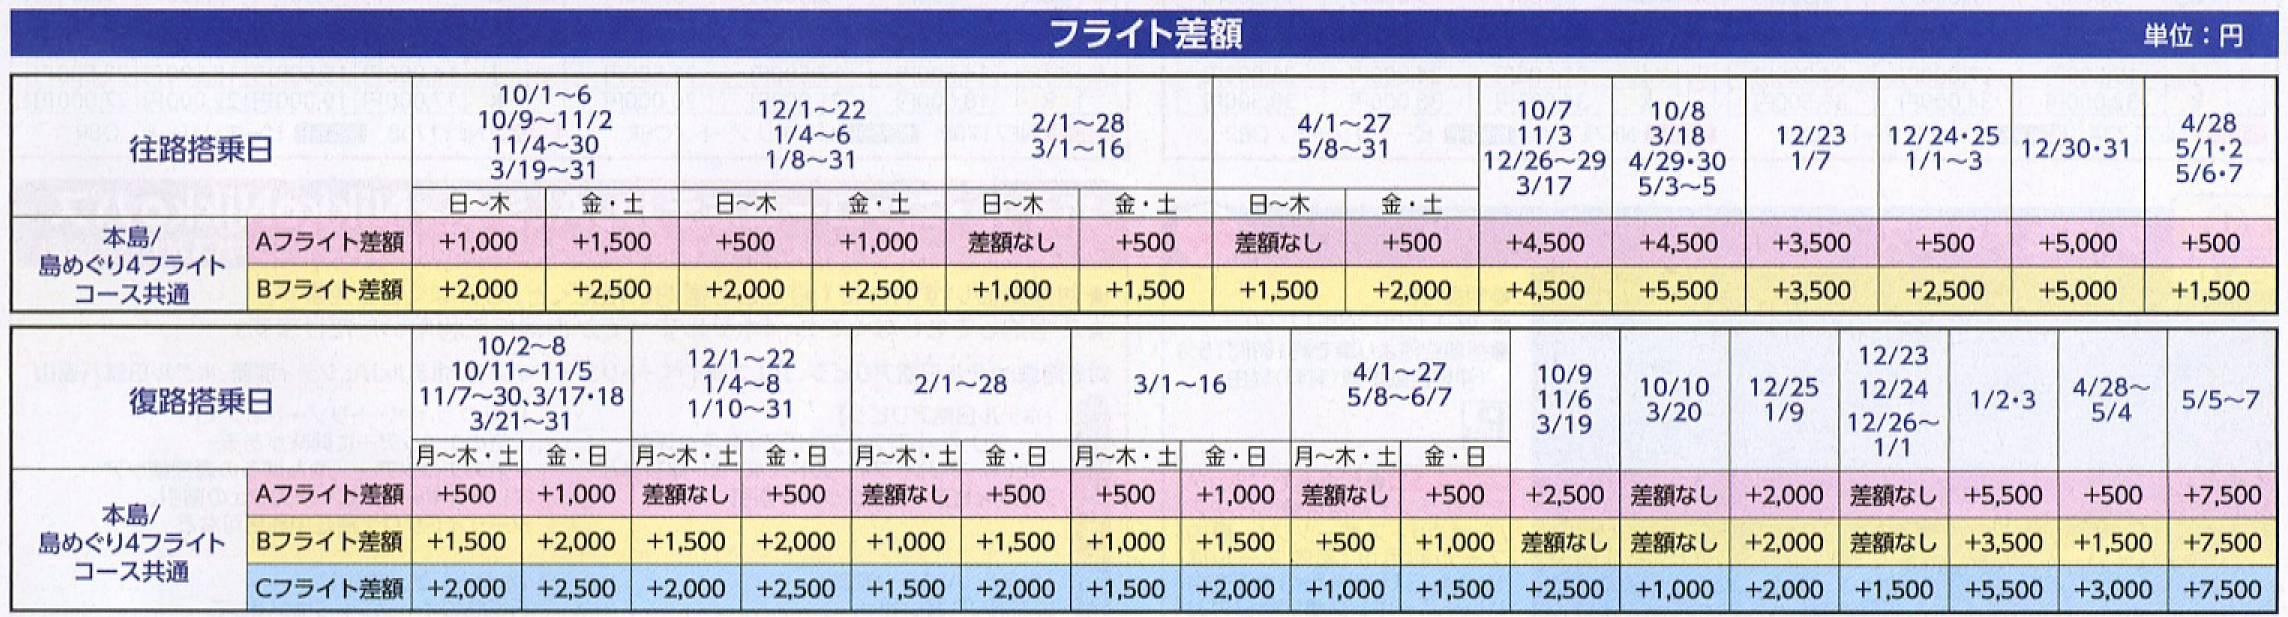 フライト差額 pittabi-fuk16_10-05-flght02